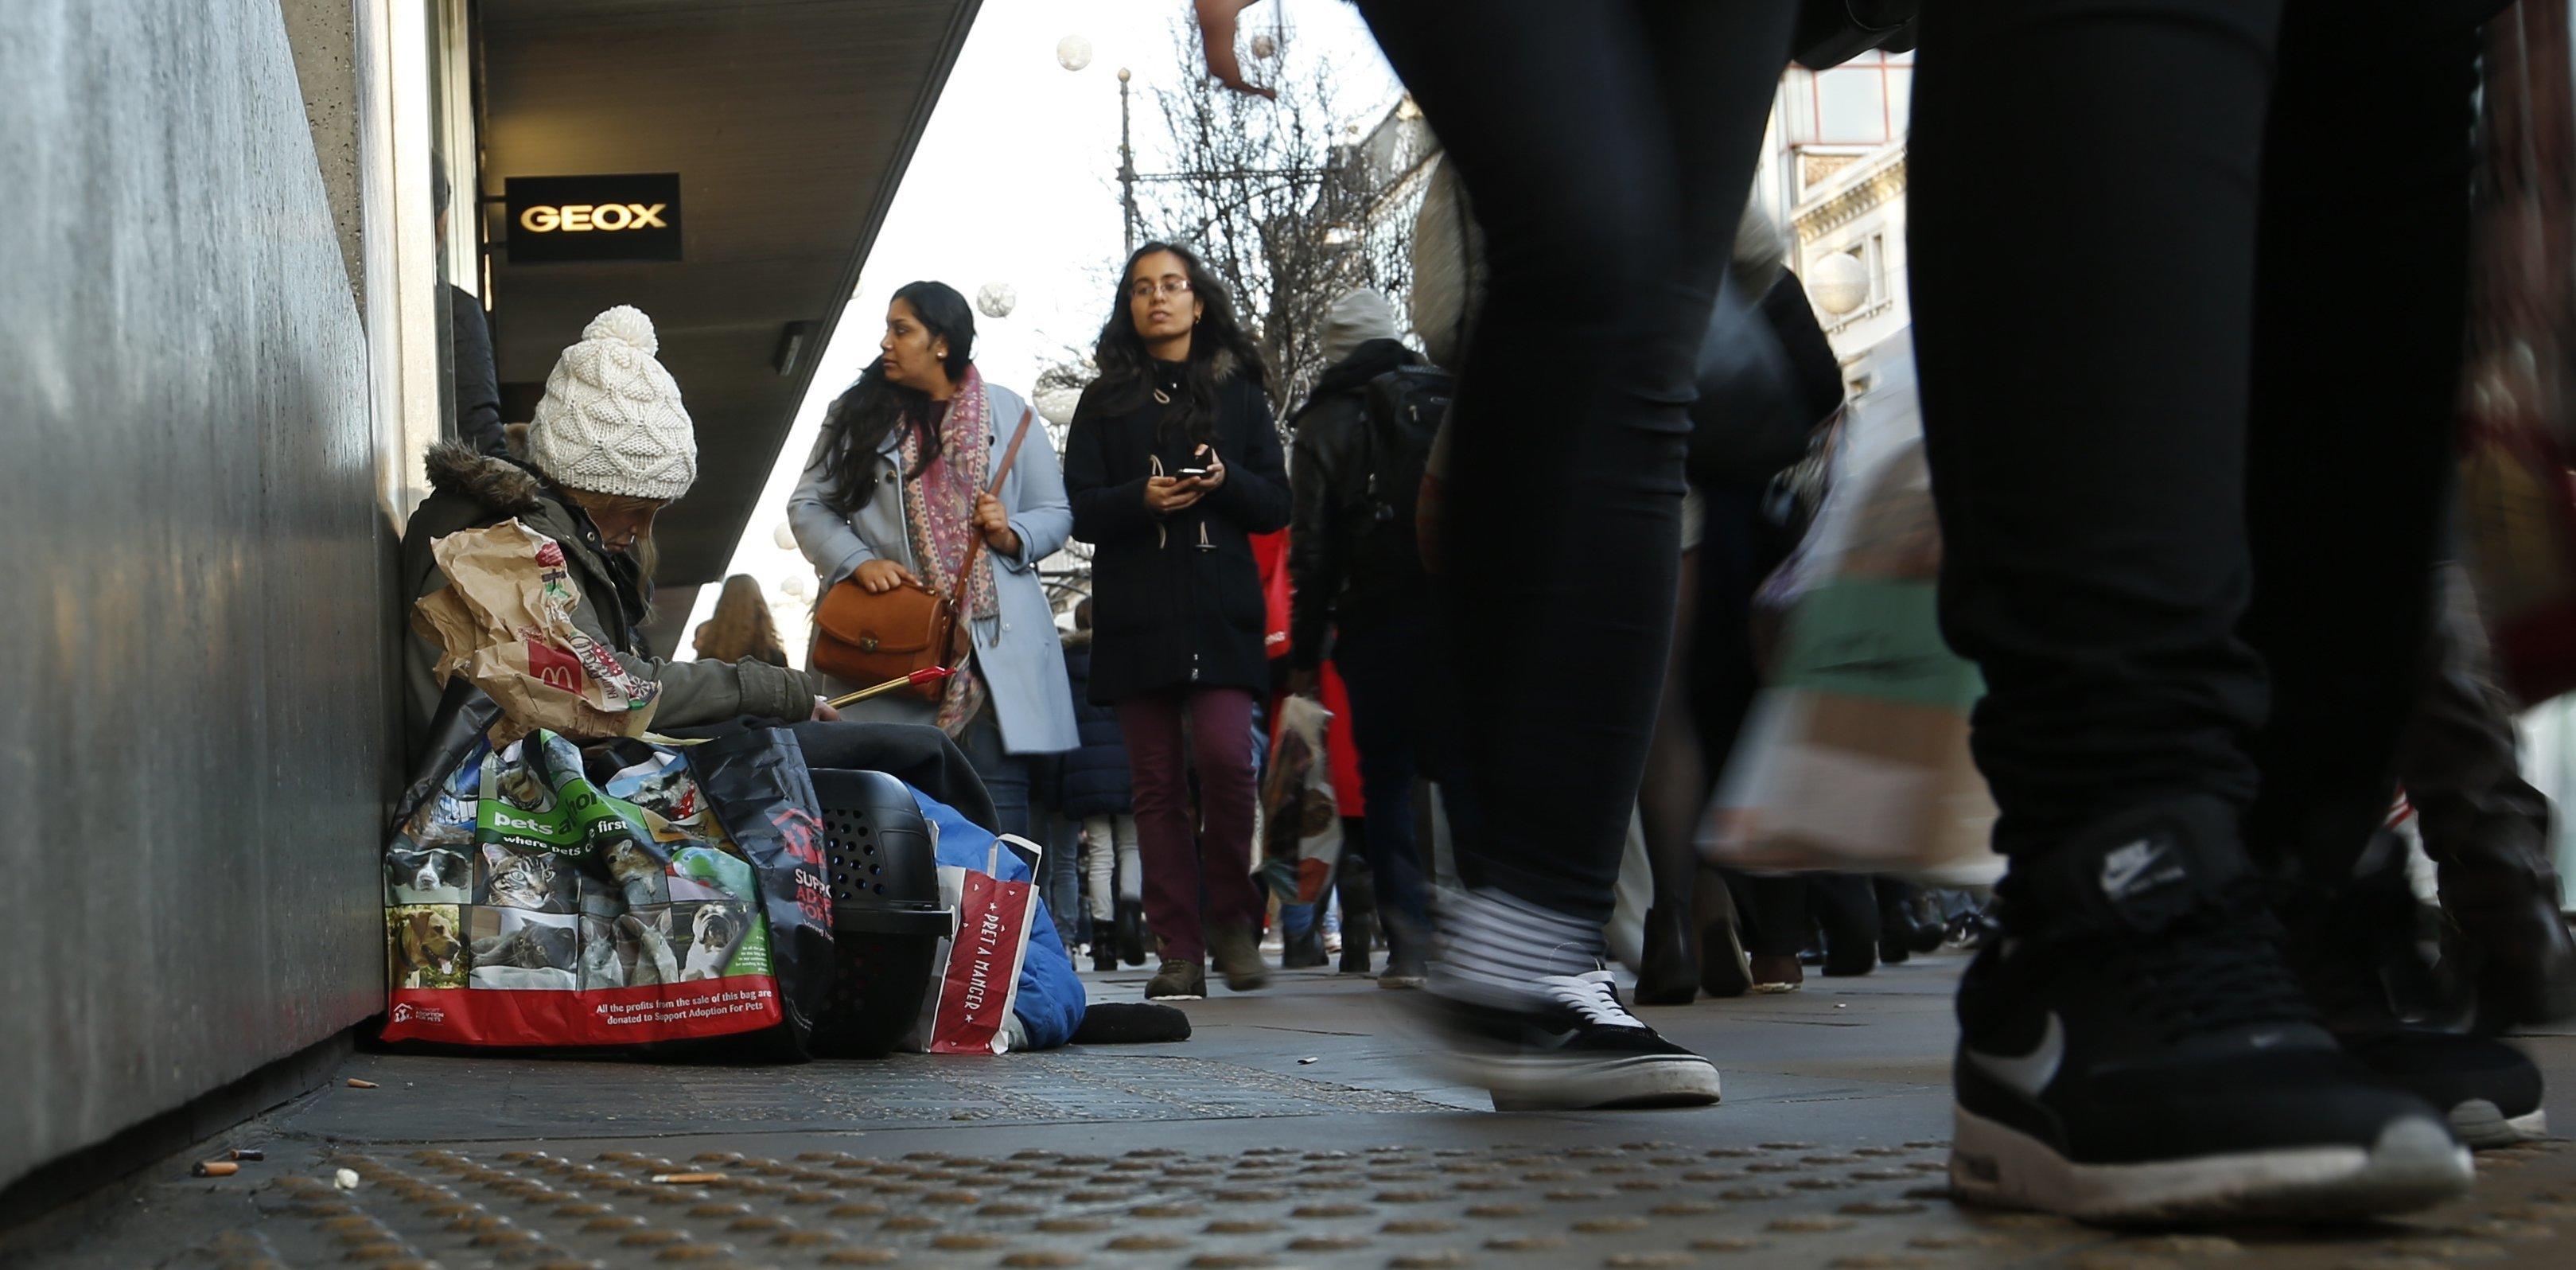 Λονδίνο: Βγάζουν 600 λίρες κάθε μέρα παριστάνοντας τους